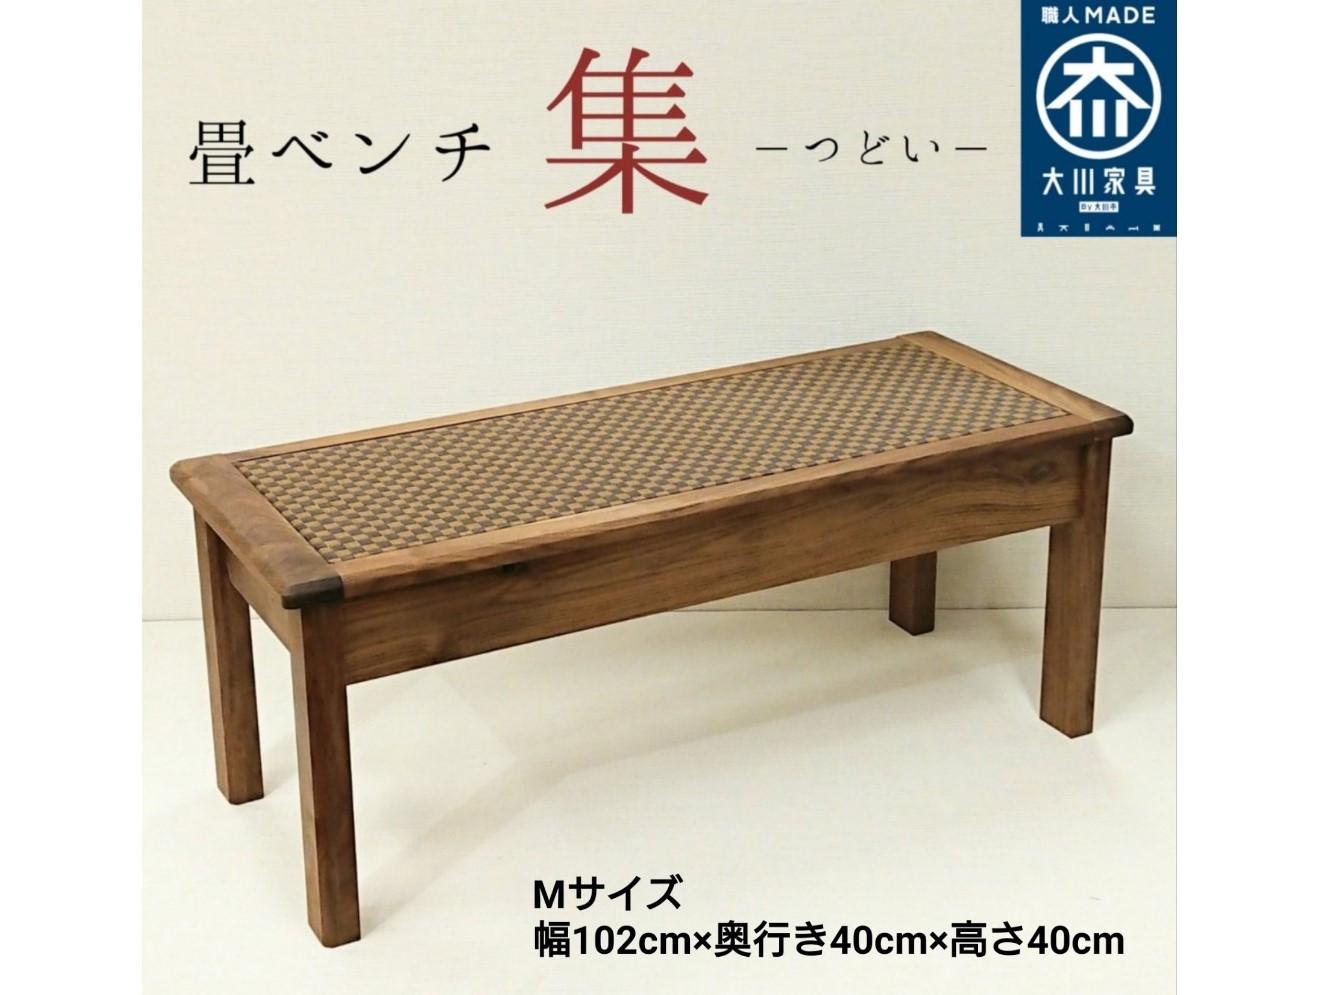 畳ベンチ 集 ウォールナット 和紙畳 長椅子 Mサイズ